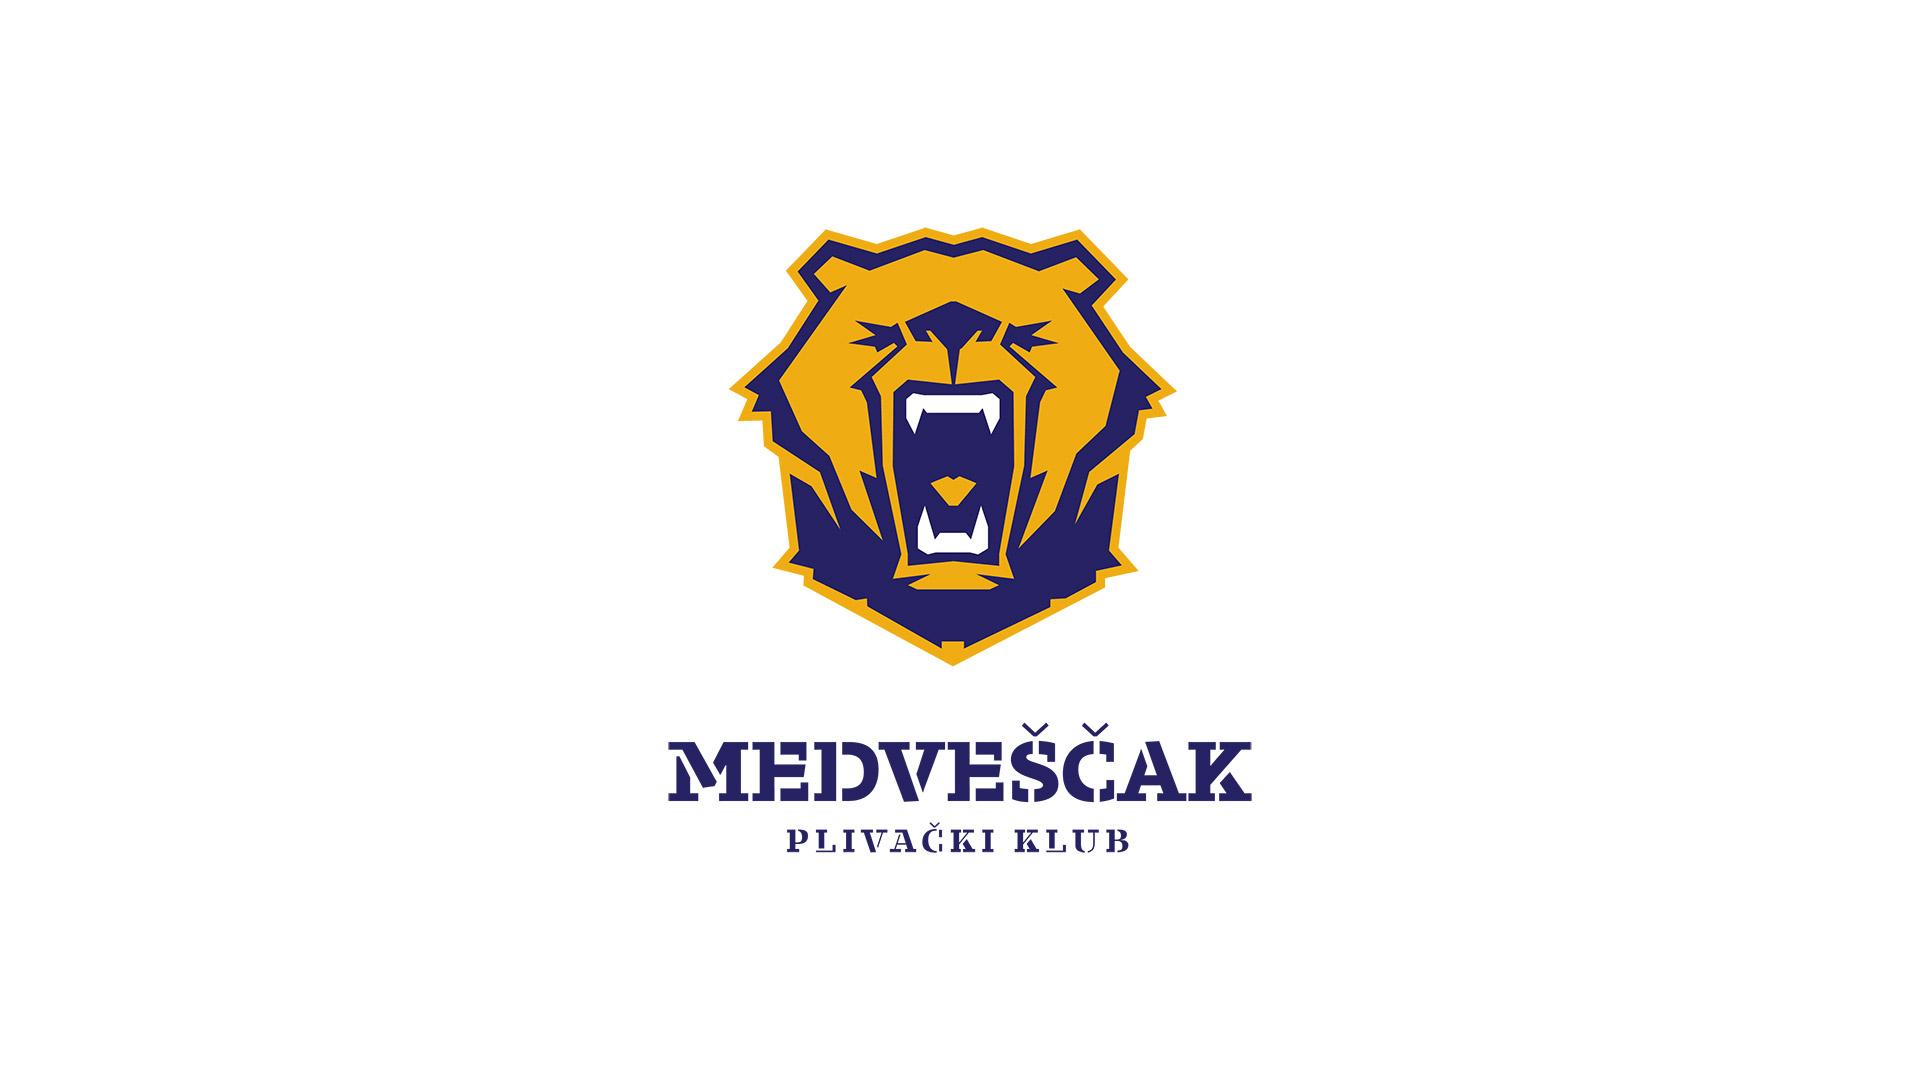 medvescak_pkm-01-dizajn-studio-sudar-zagreb